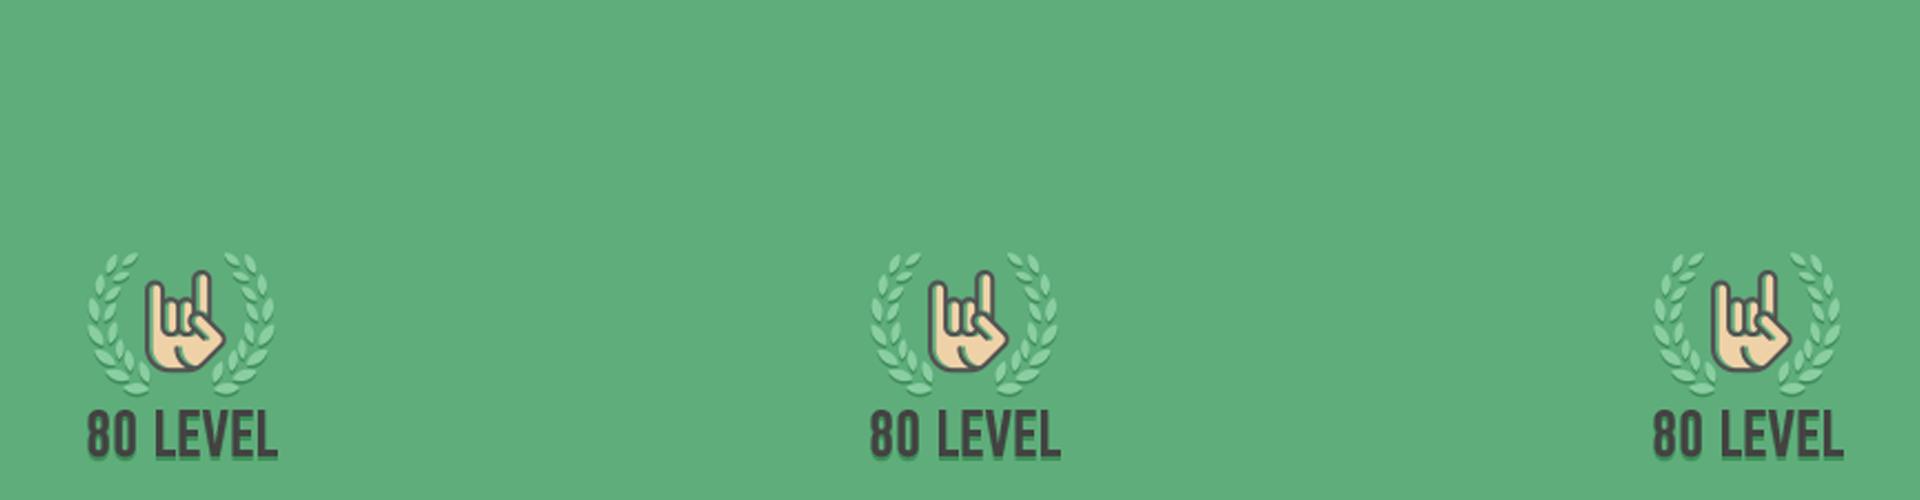 banner_80lv